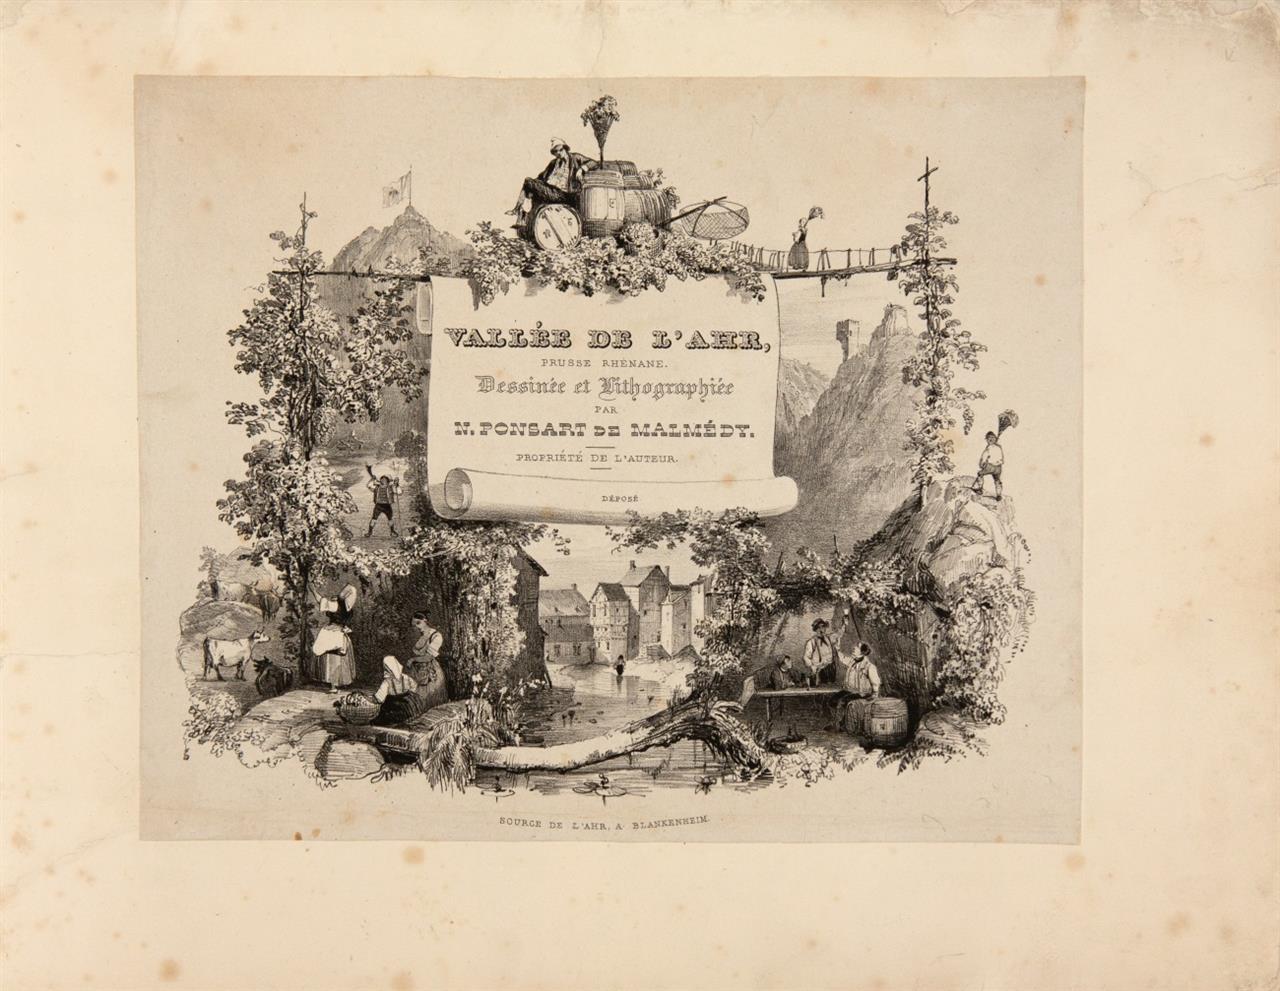 N. Ponsart, Vallée de l'Ahr, Prusse-Rhenane. Brüssel (1838).